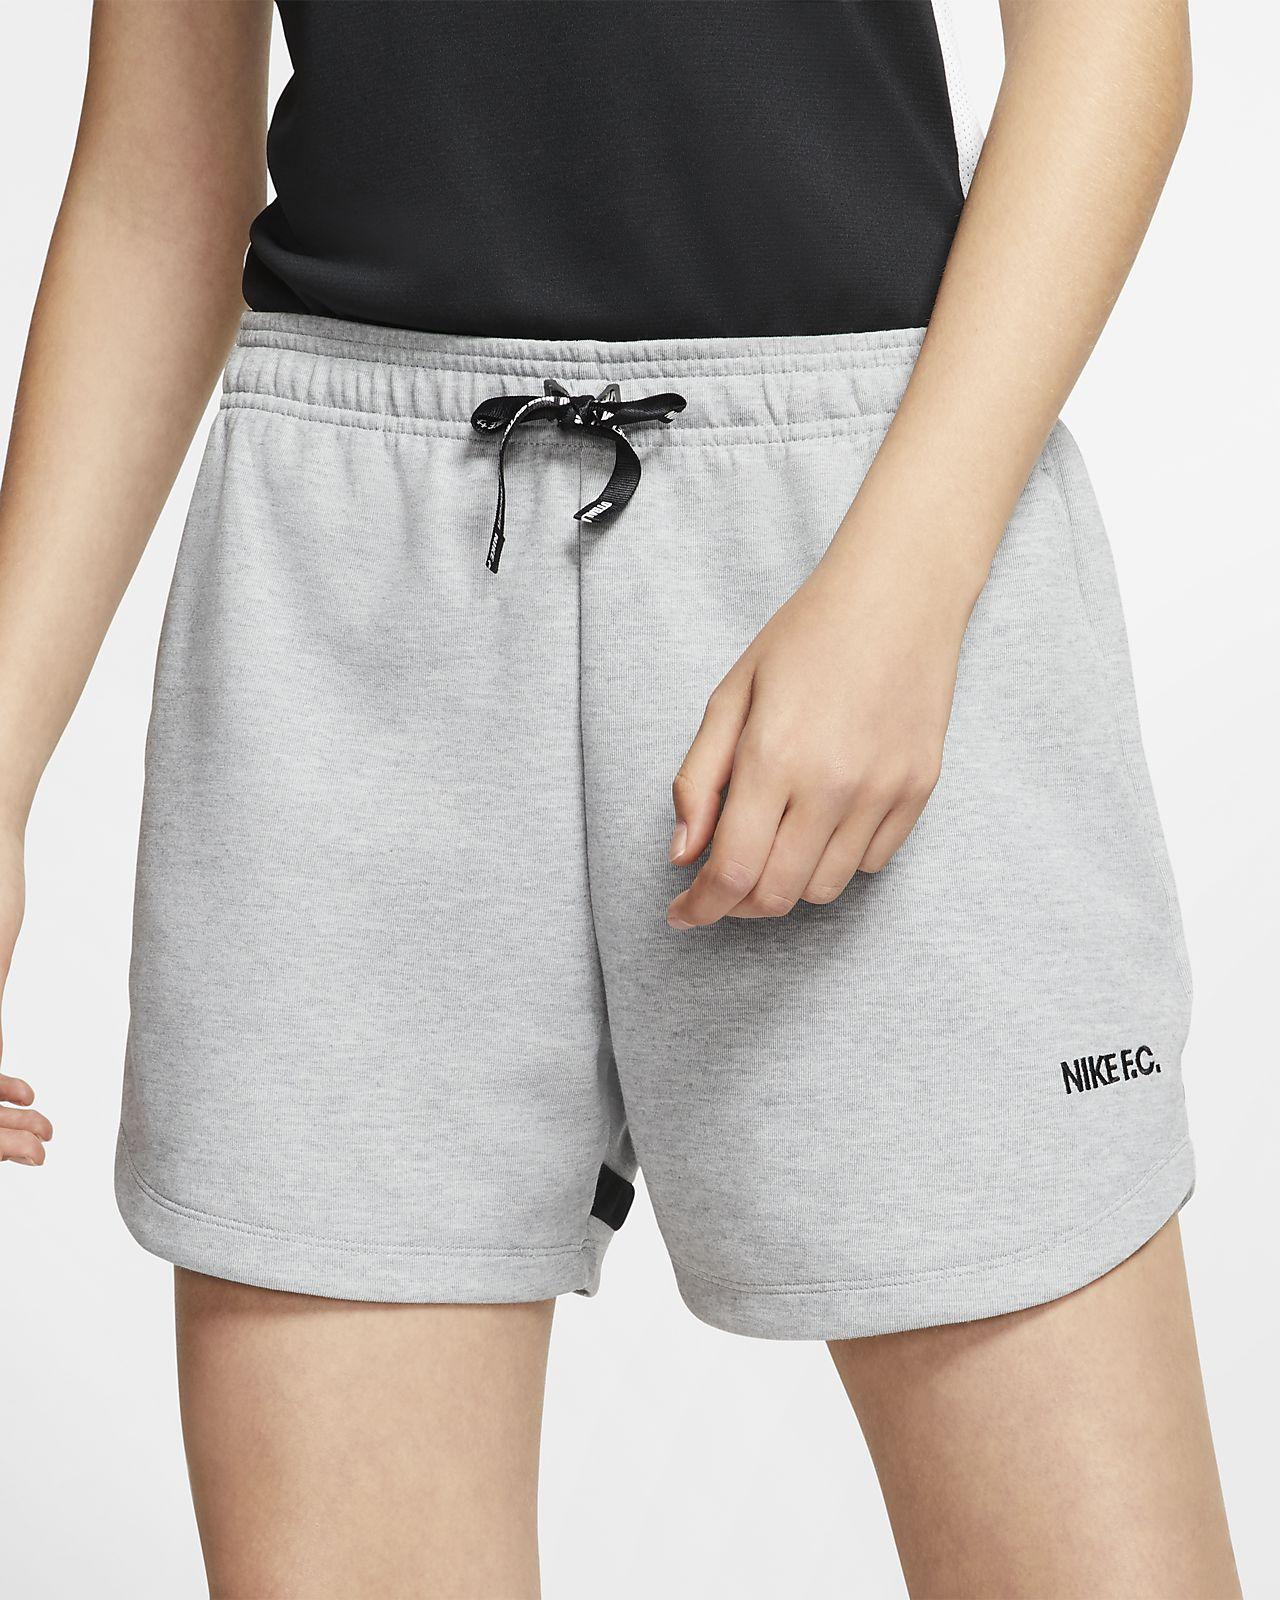 Short de football Nike F.C. Dri-FIT pour Femme